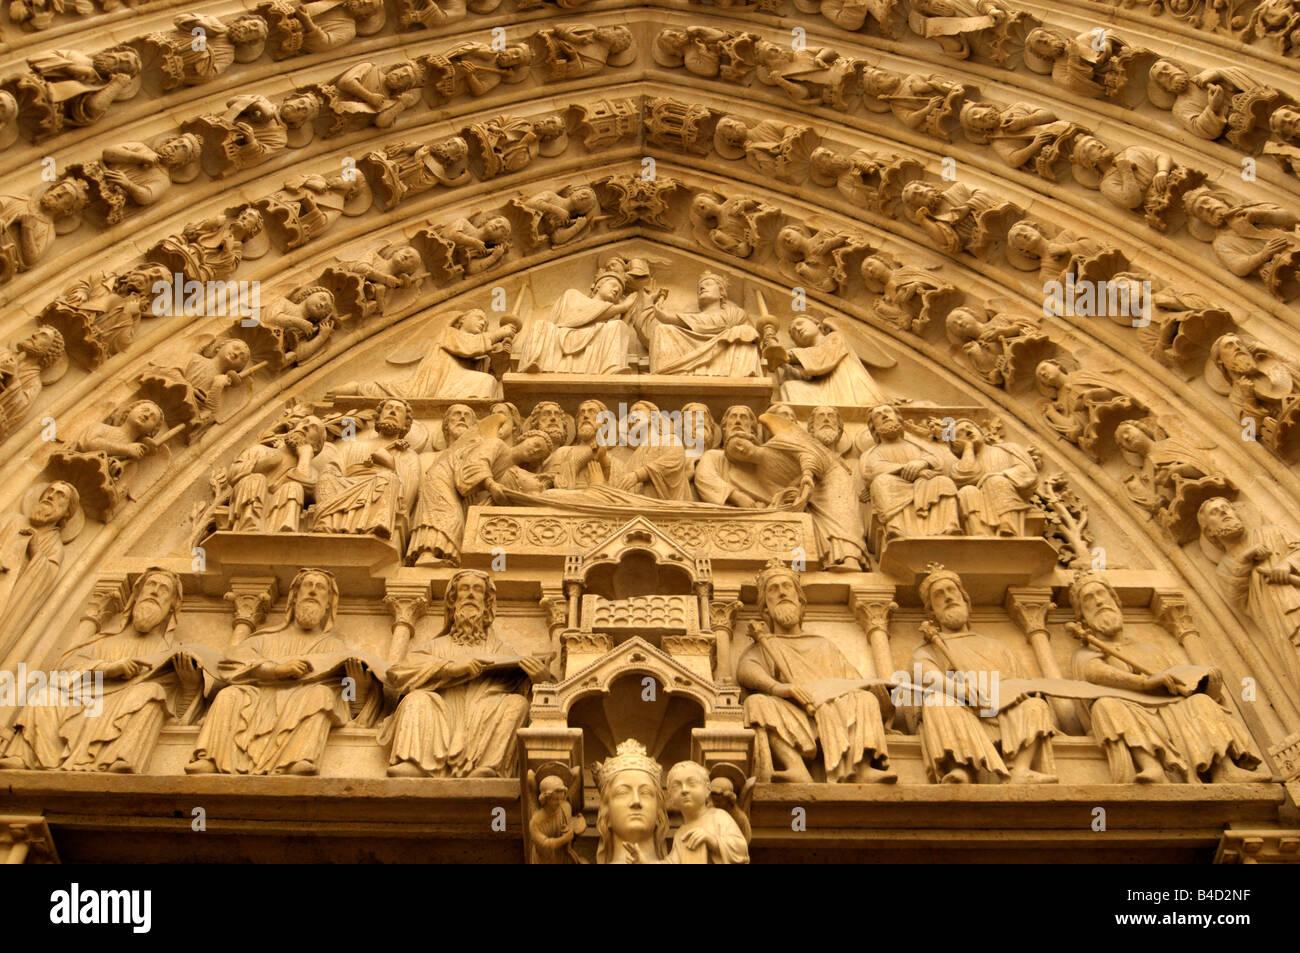 reliefs at the entrance gate to Notre Dame de Paris in Paris France - Stock Image